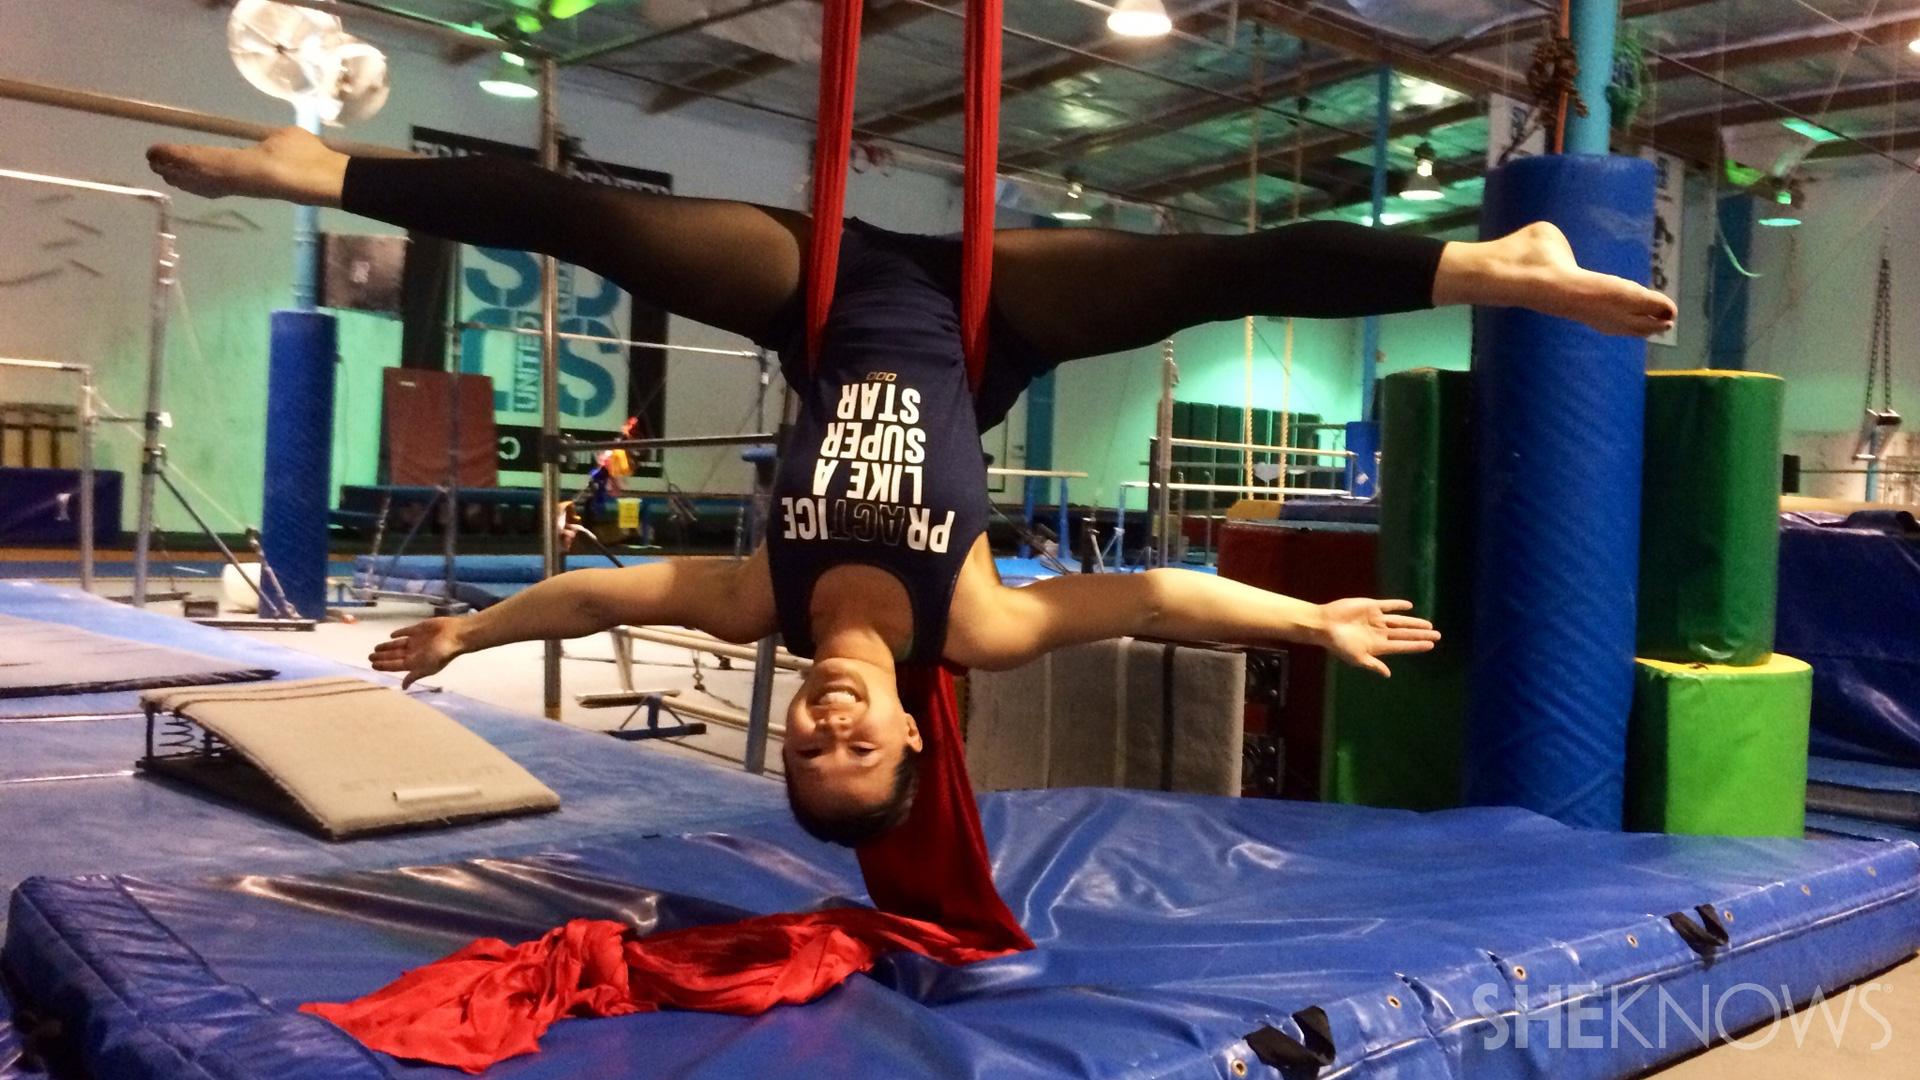 Raina doing aerial yoga